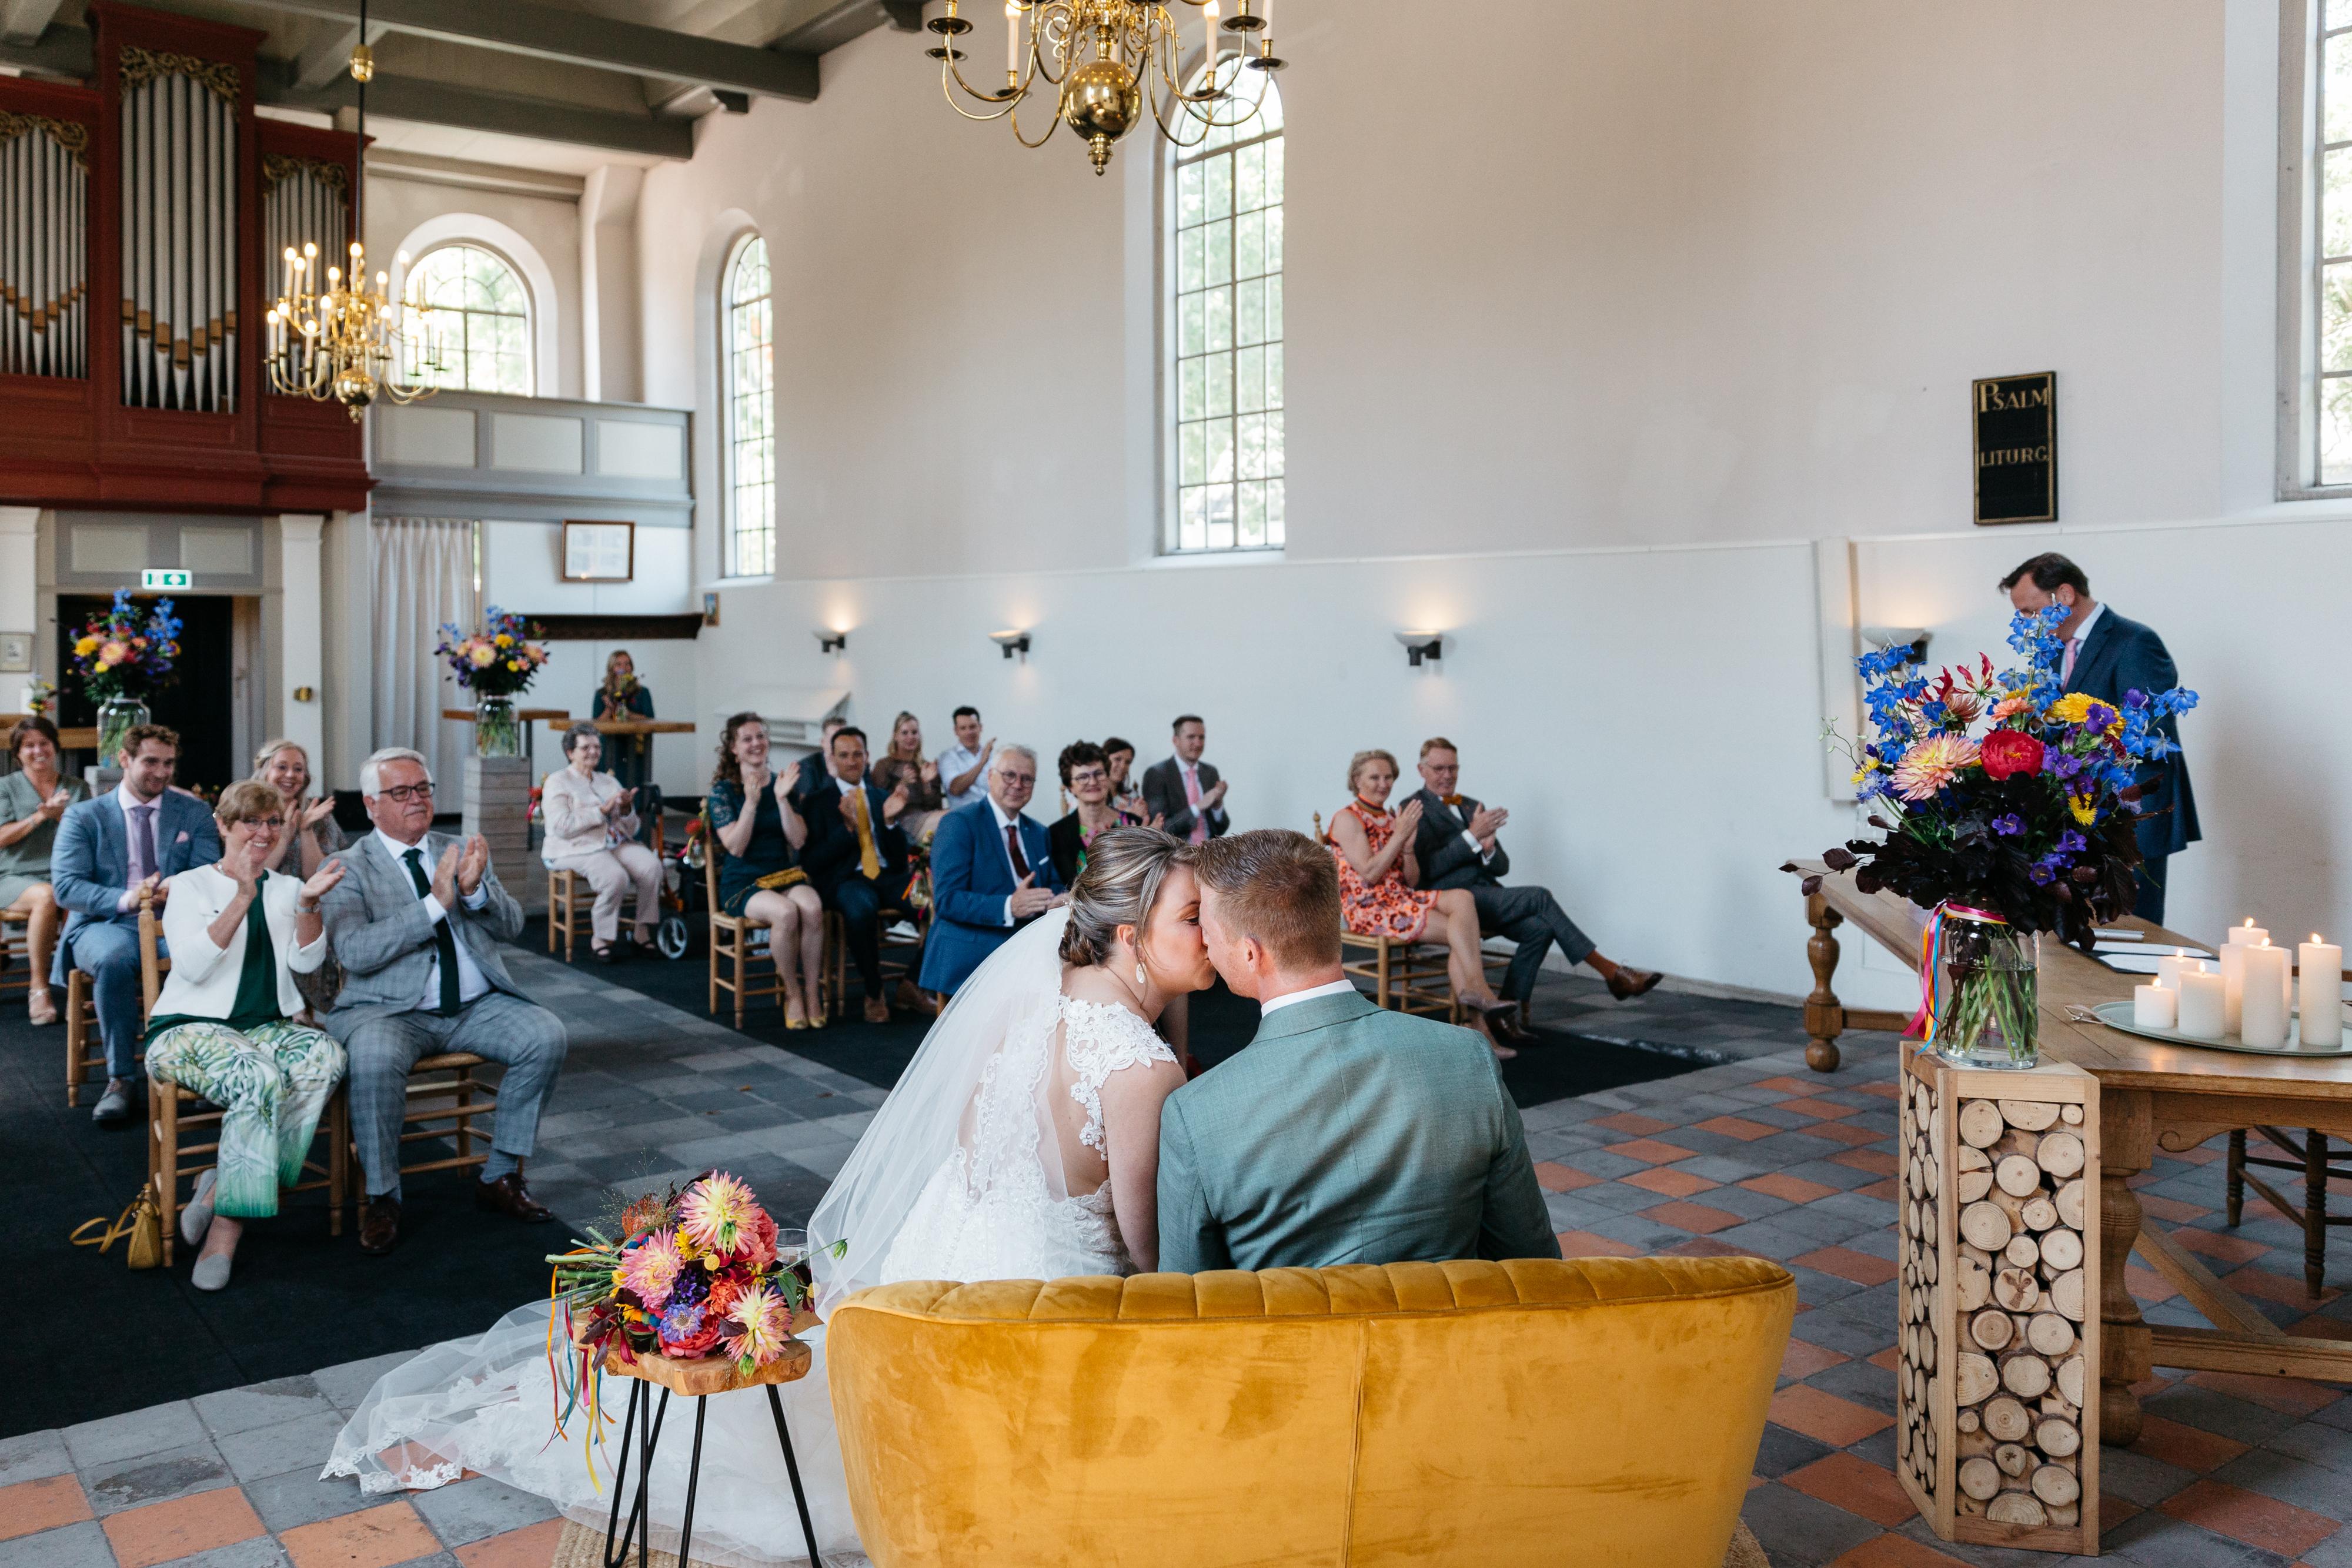 corona proof wedding